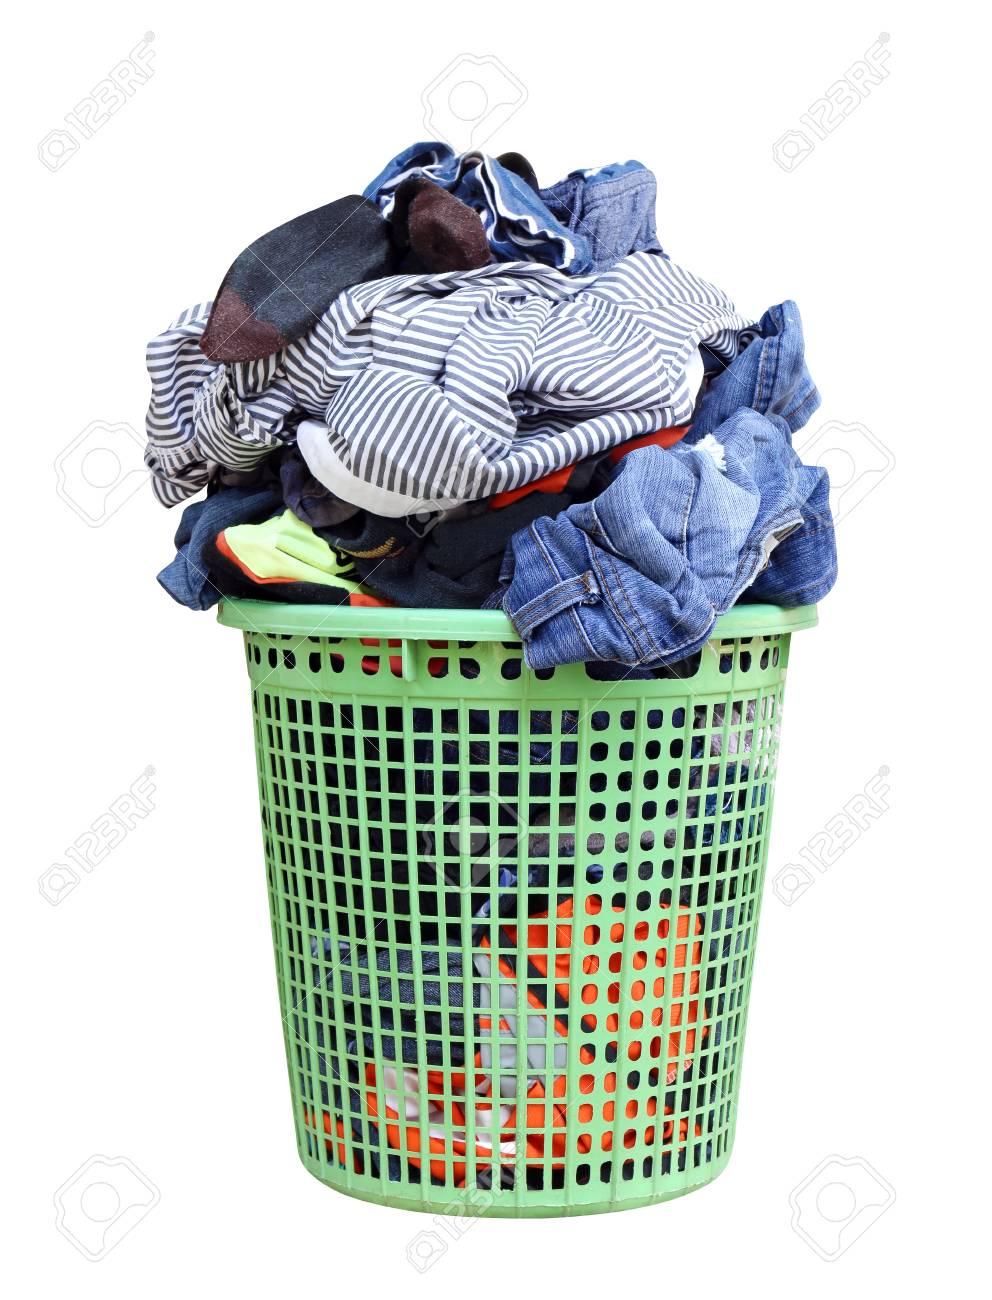 Laundry Basket Picture : laundry, basket, picture, Dirty, Laundry, Washing, Basket,, Basket, With.., Stock, Photo,, Picture, Royalty, Image., Image, 97300468.